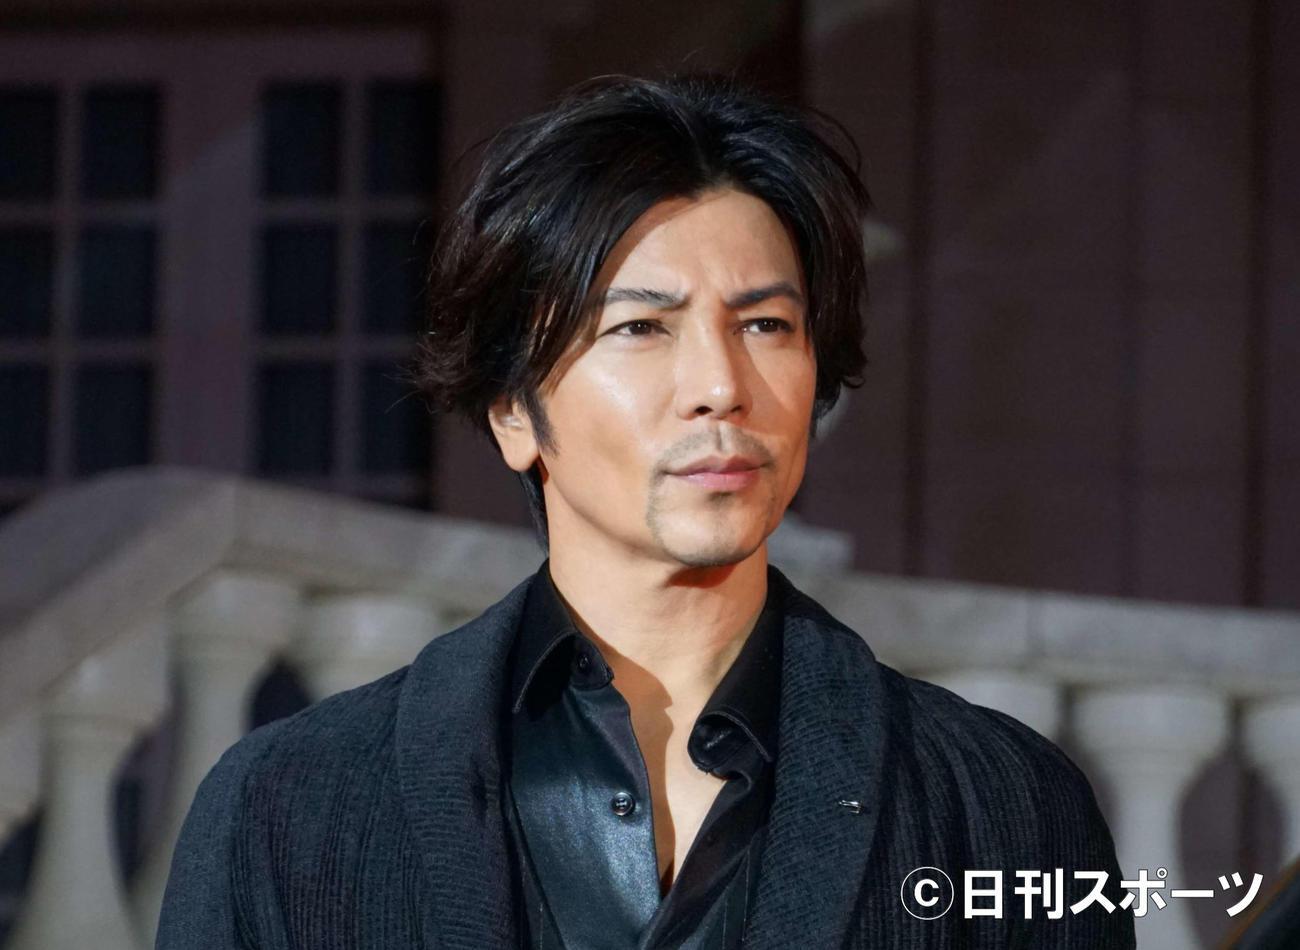 武田真治(2019年10月24日撮影)